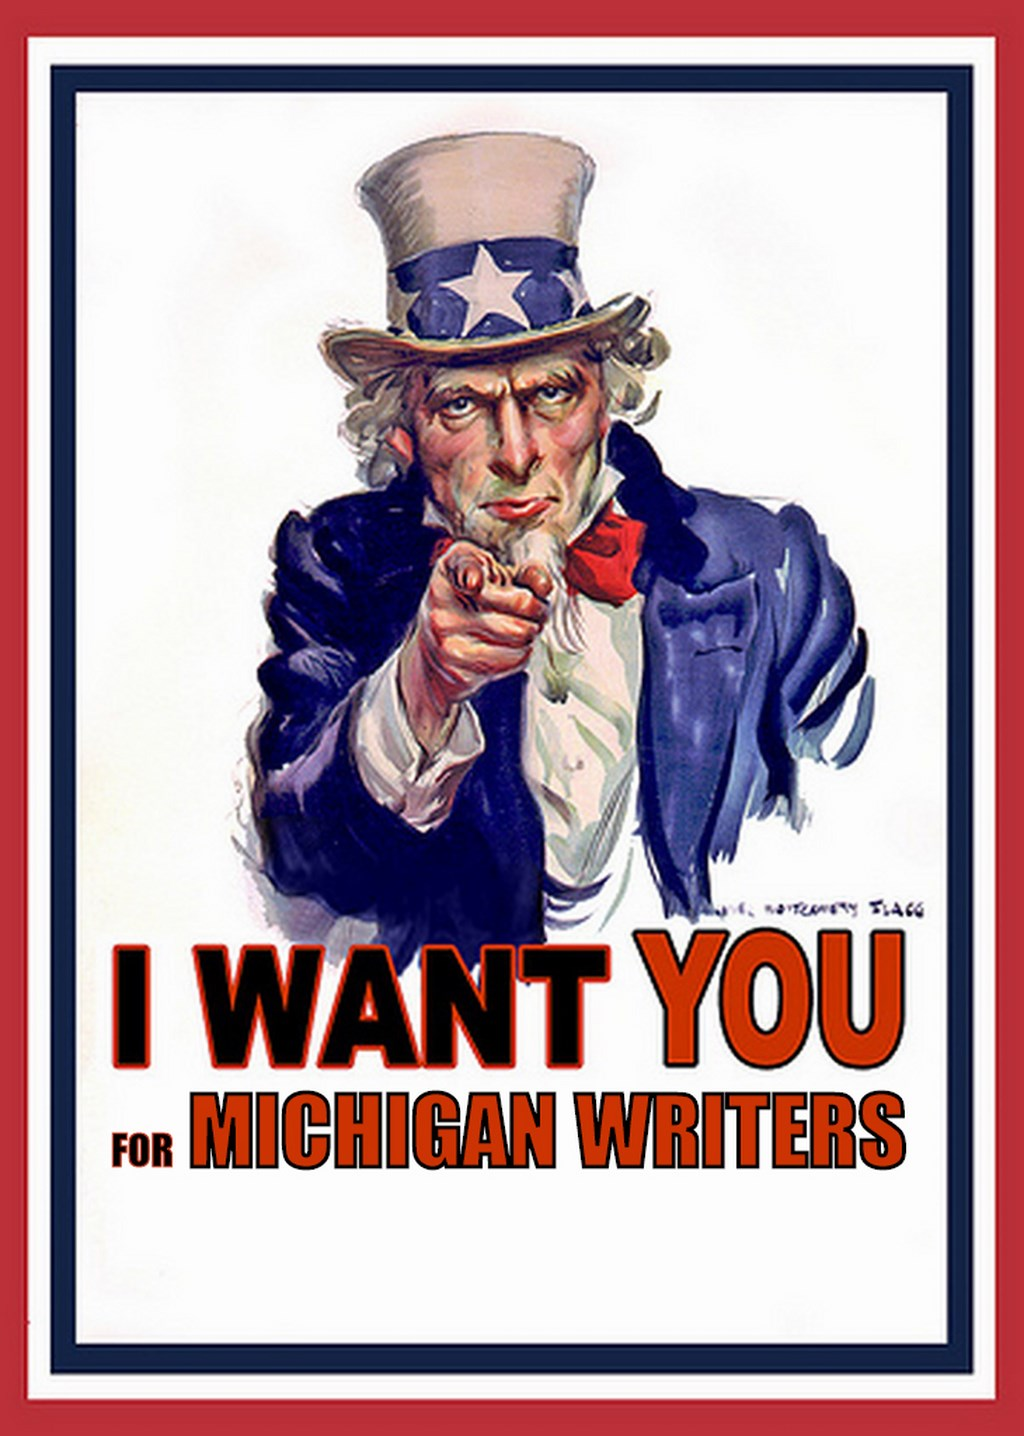 Michigan Writers Wants You